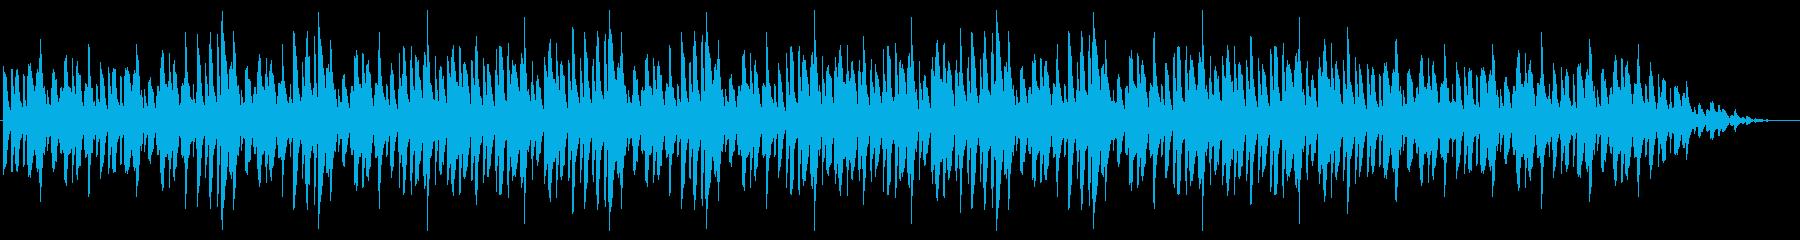 ピアノのみ!シンプルで明るくのんびりの再生済みの波形